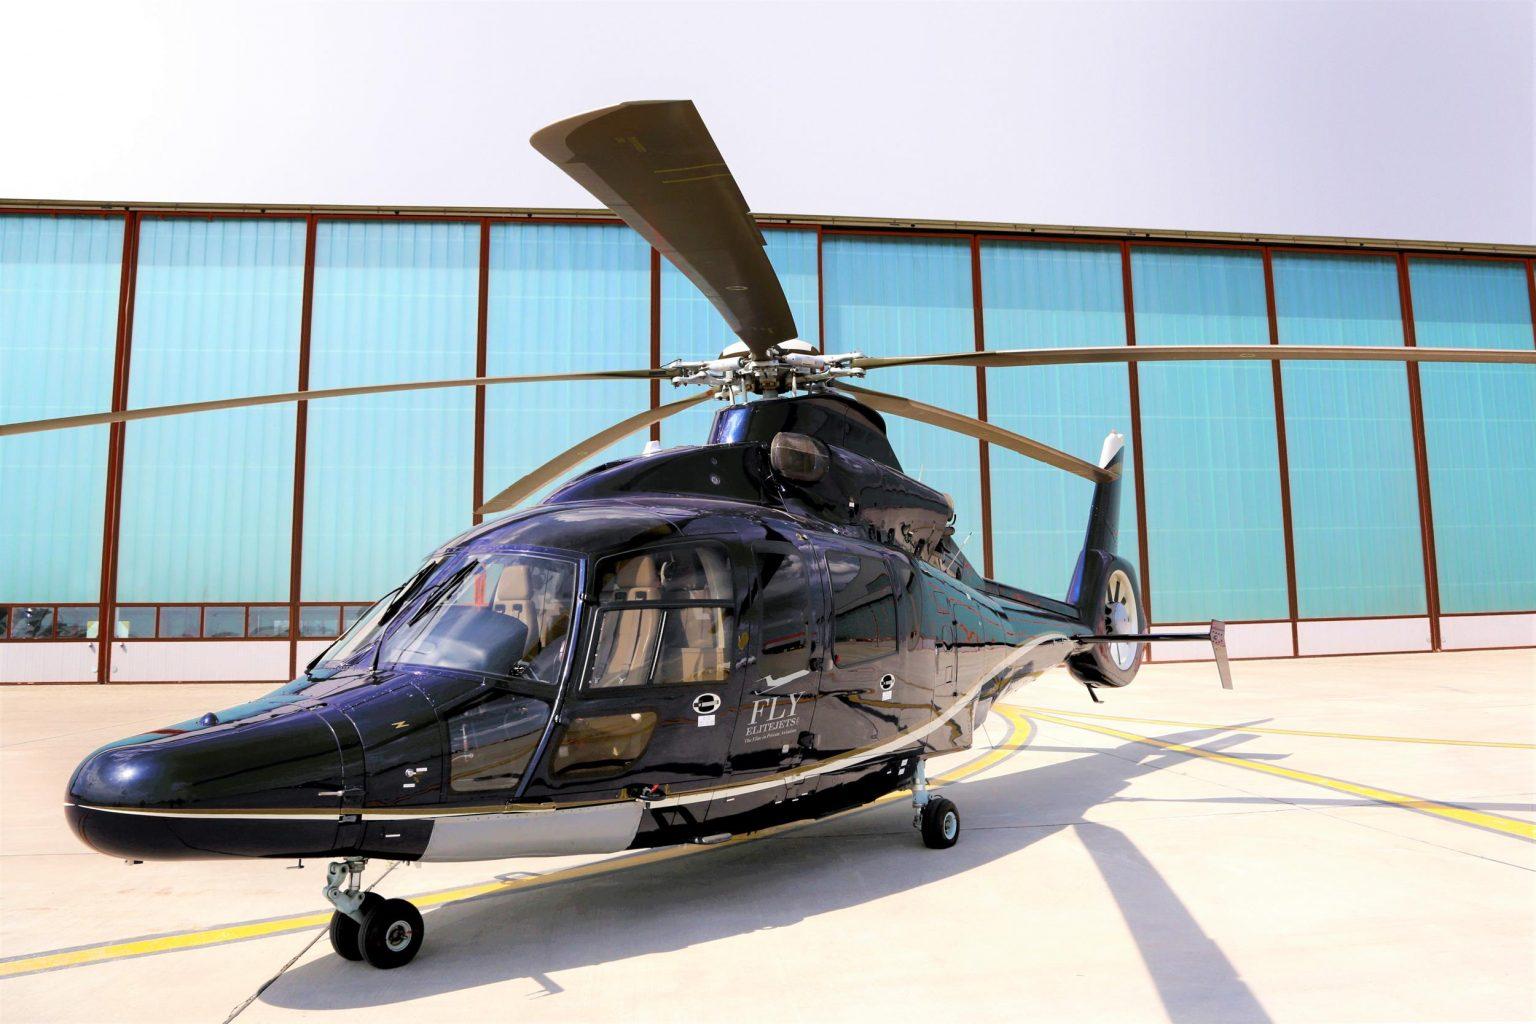 FlyEliteJets EC155